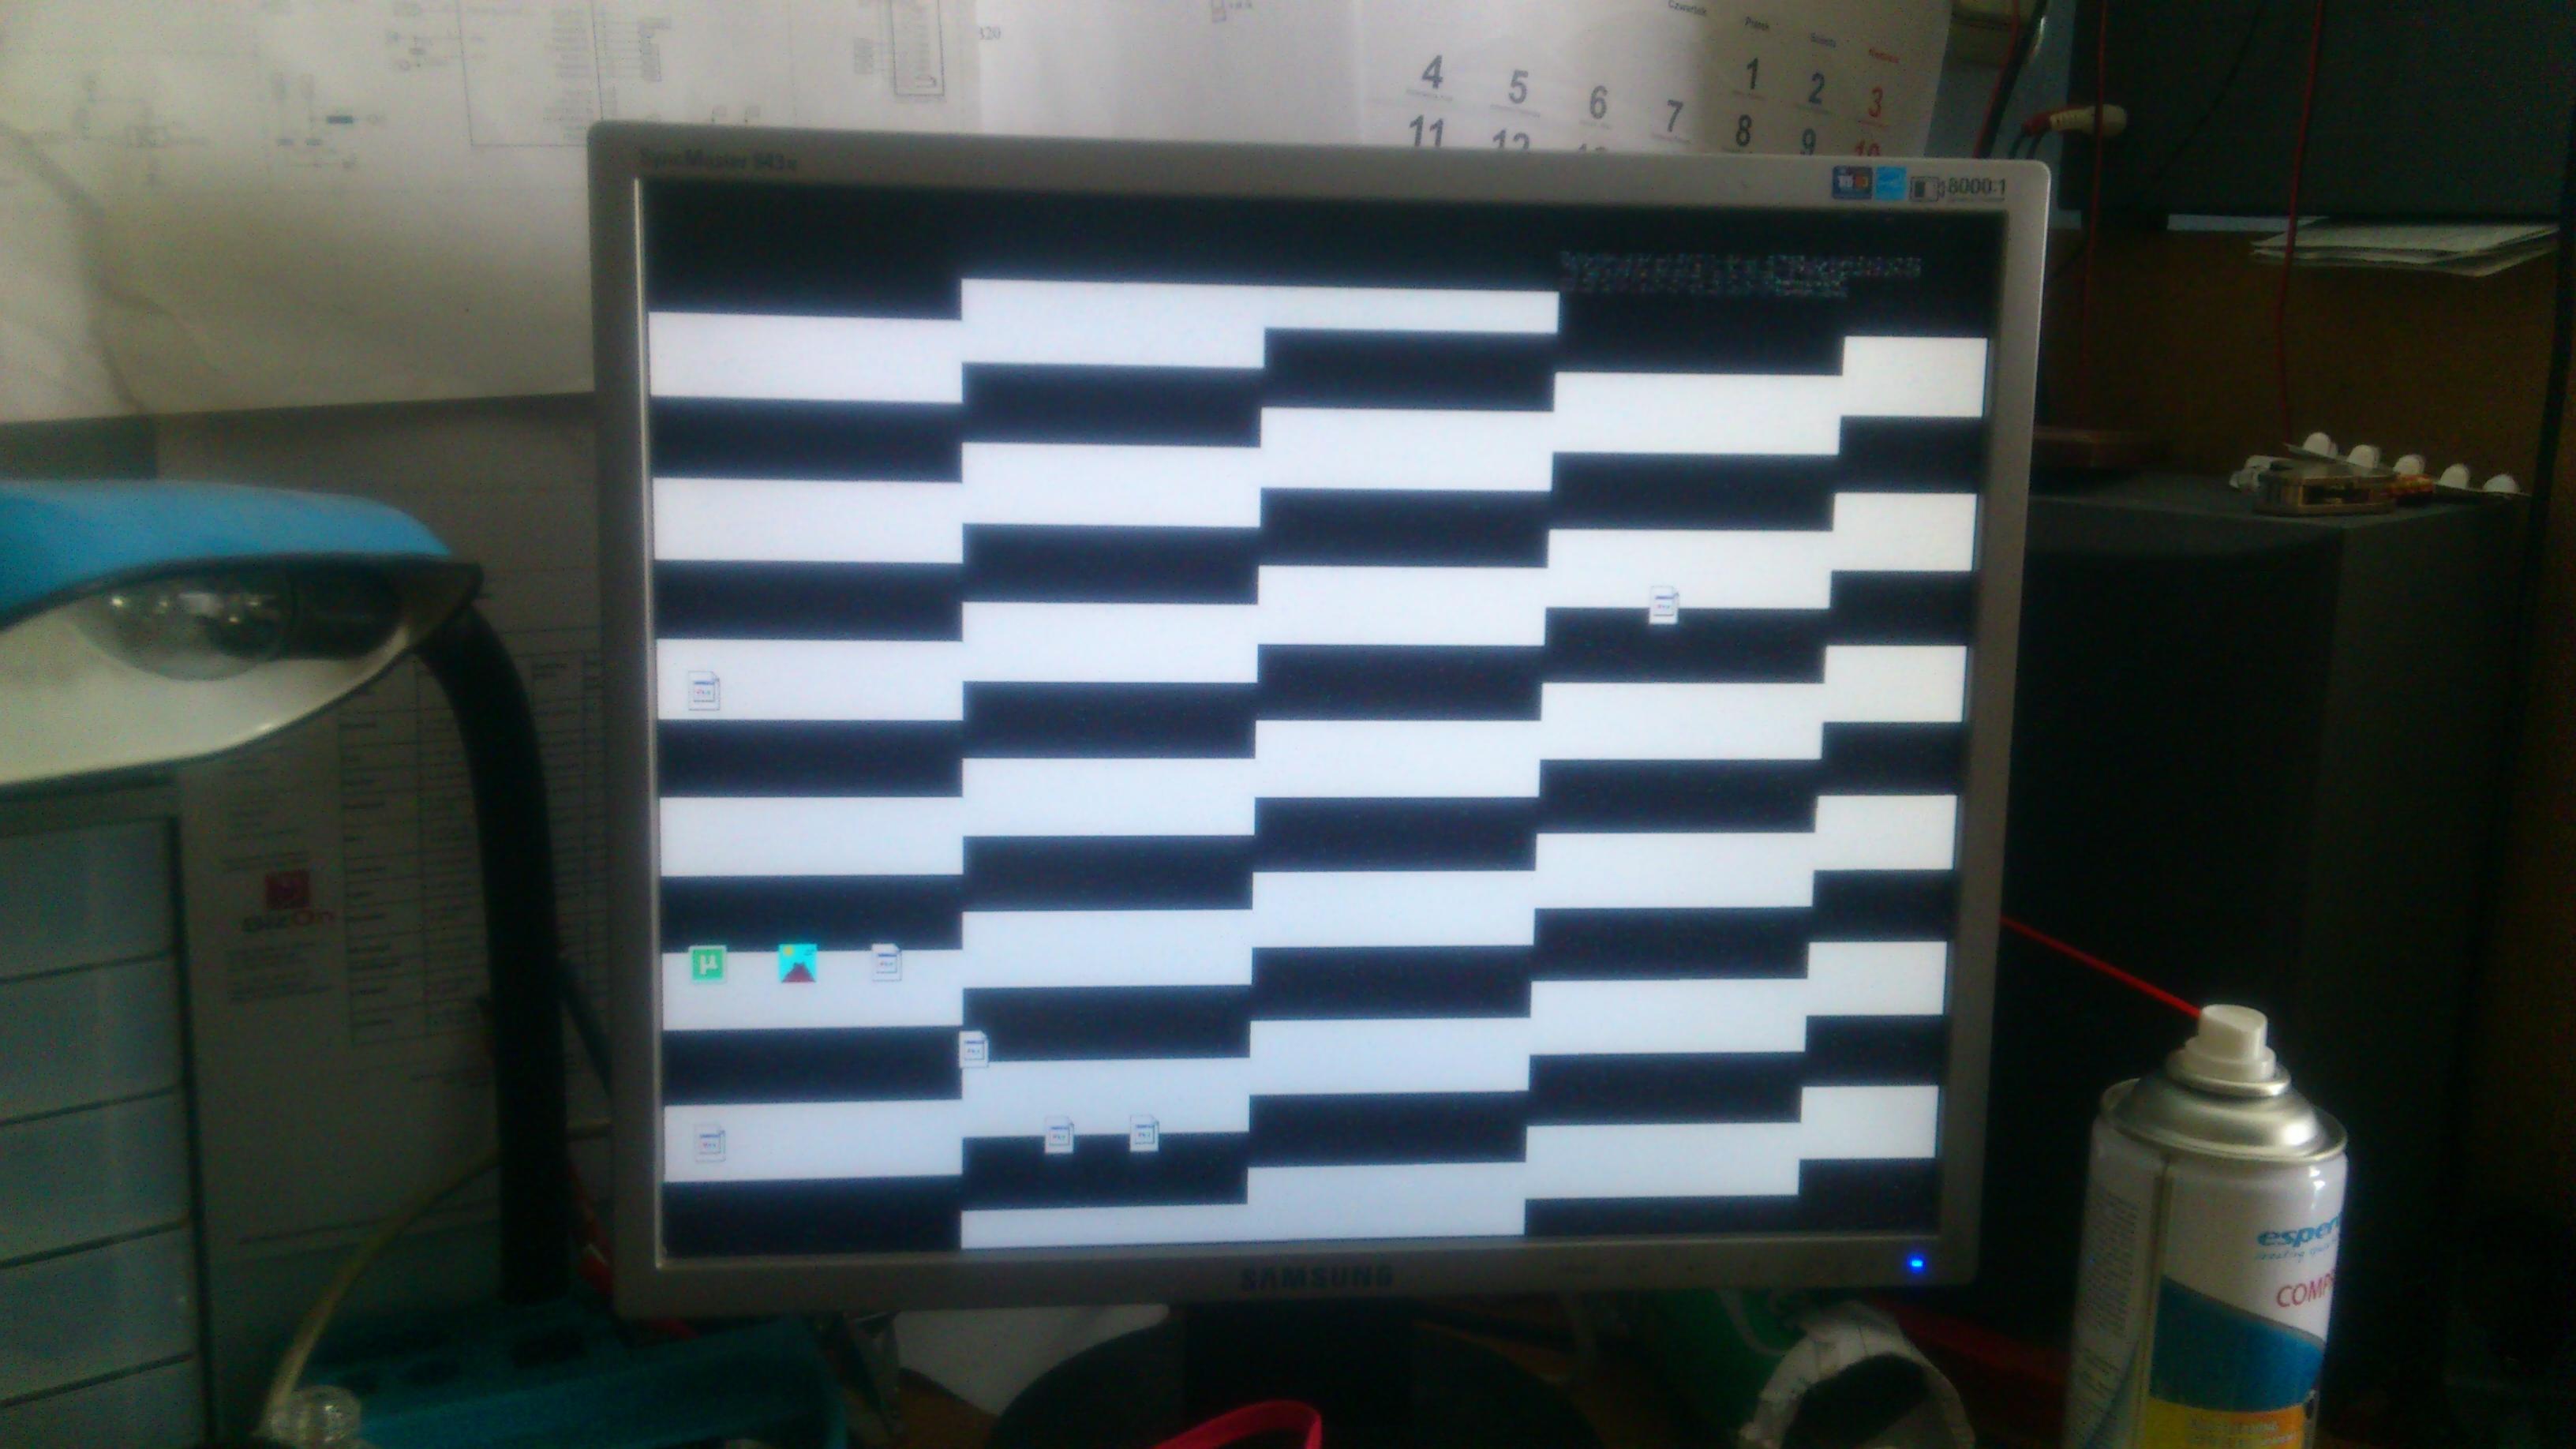 Asus p5k u asys c501ps -brak obrazu nawet po wymianie p�yty